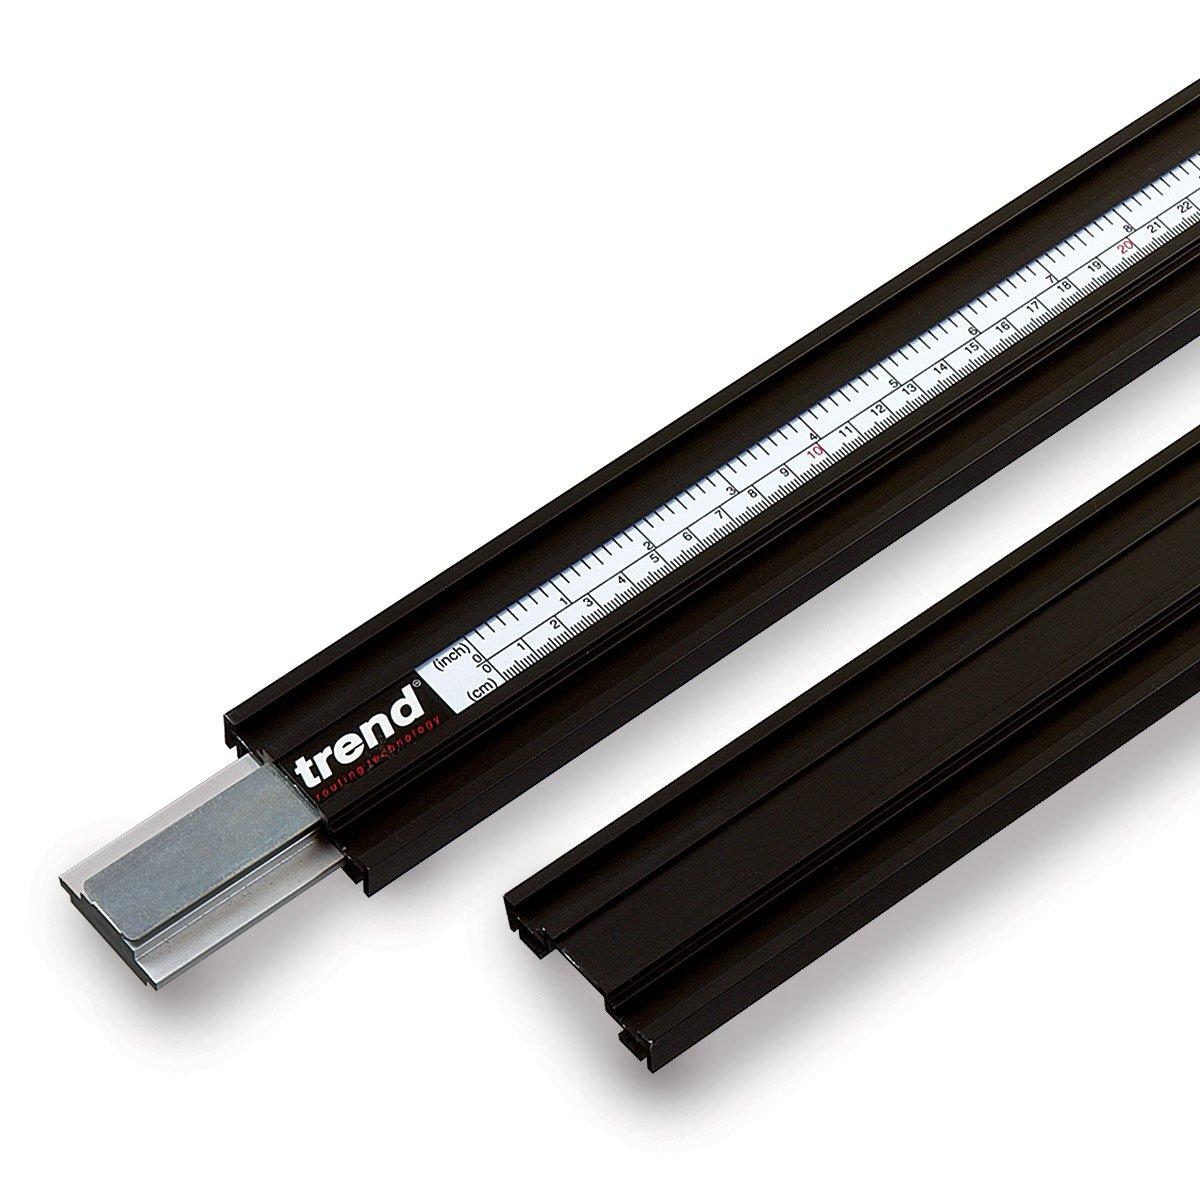 Trend VJS/G/100 2.54 m Varijig System Straight Guide - Black U*VJS/G/100